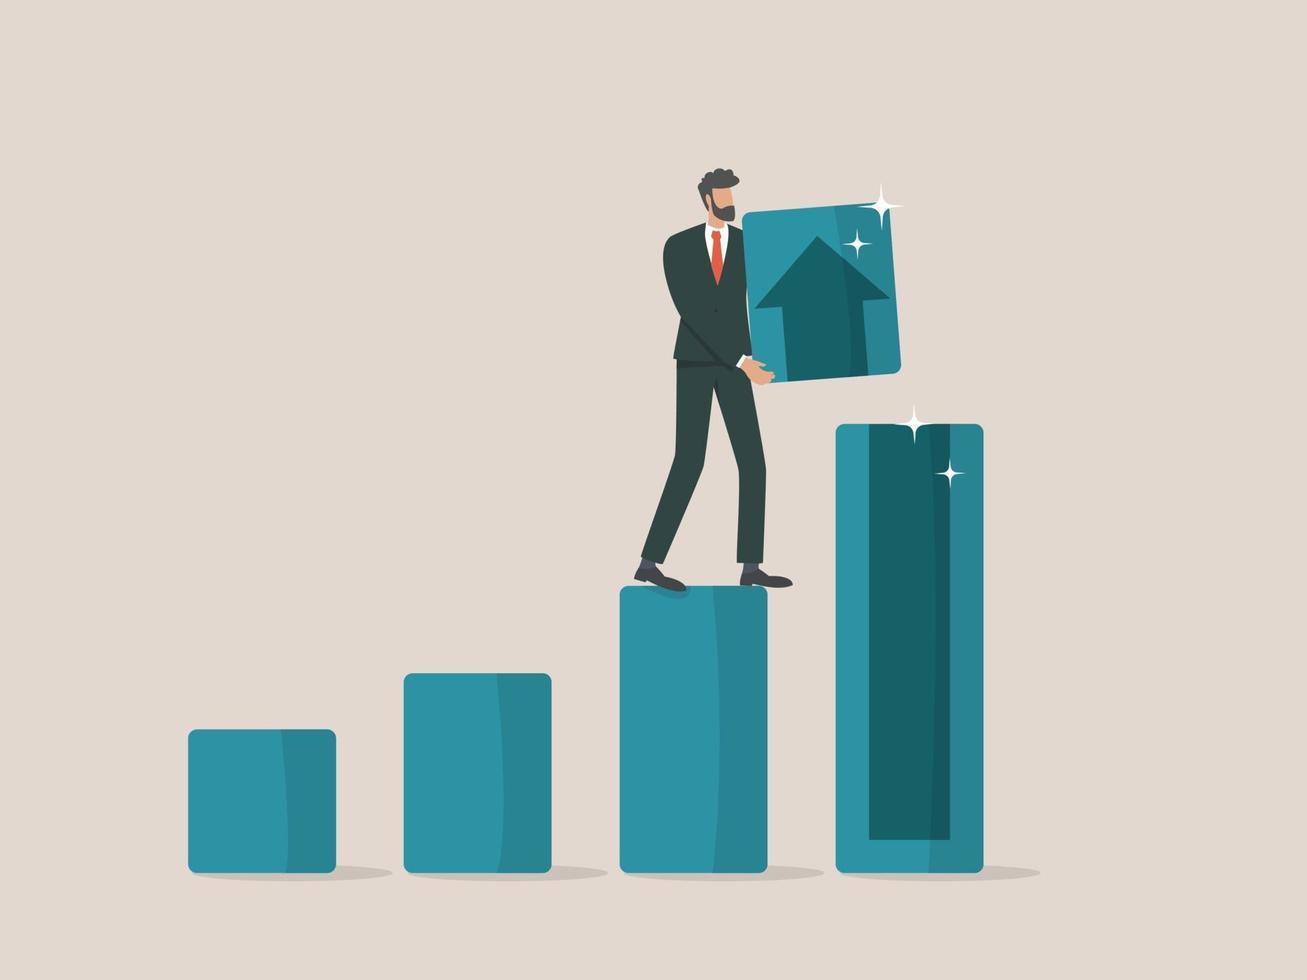 affärsidé tillväxt koncept, affärsman sätta trä block på torn graf vektor